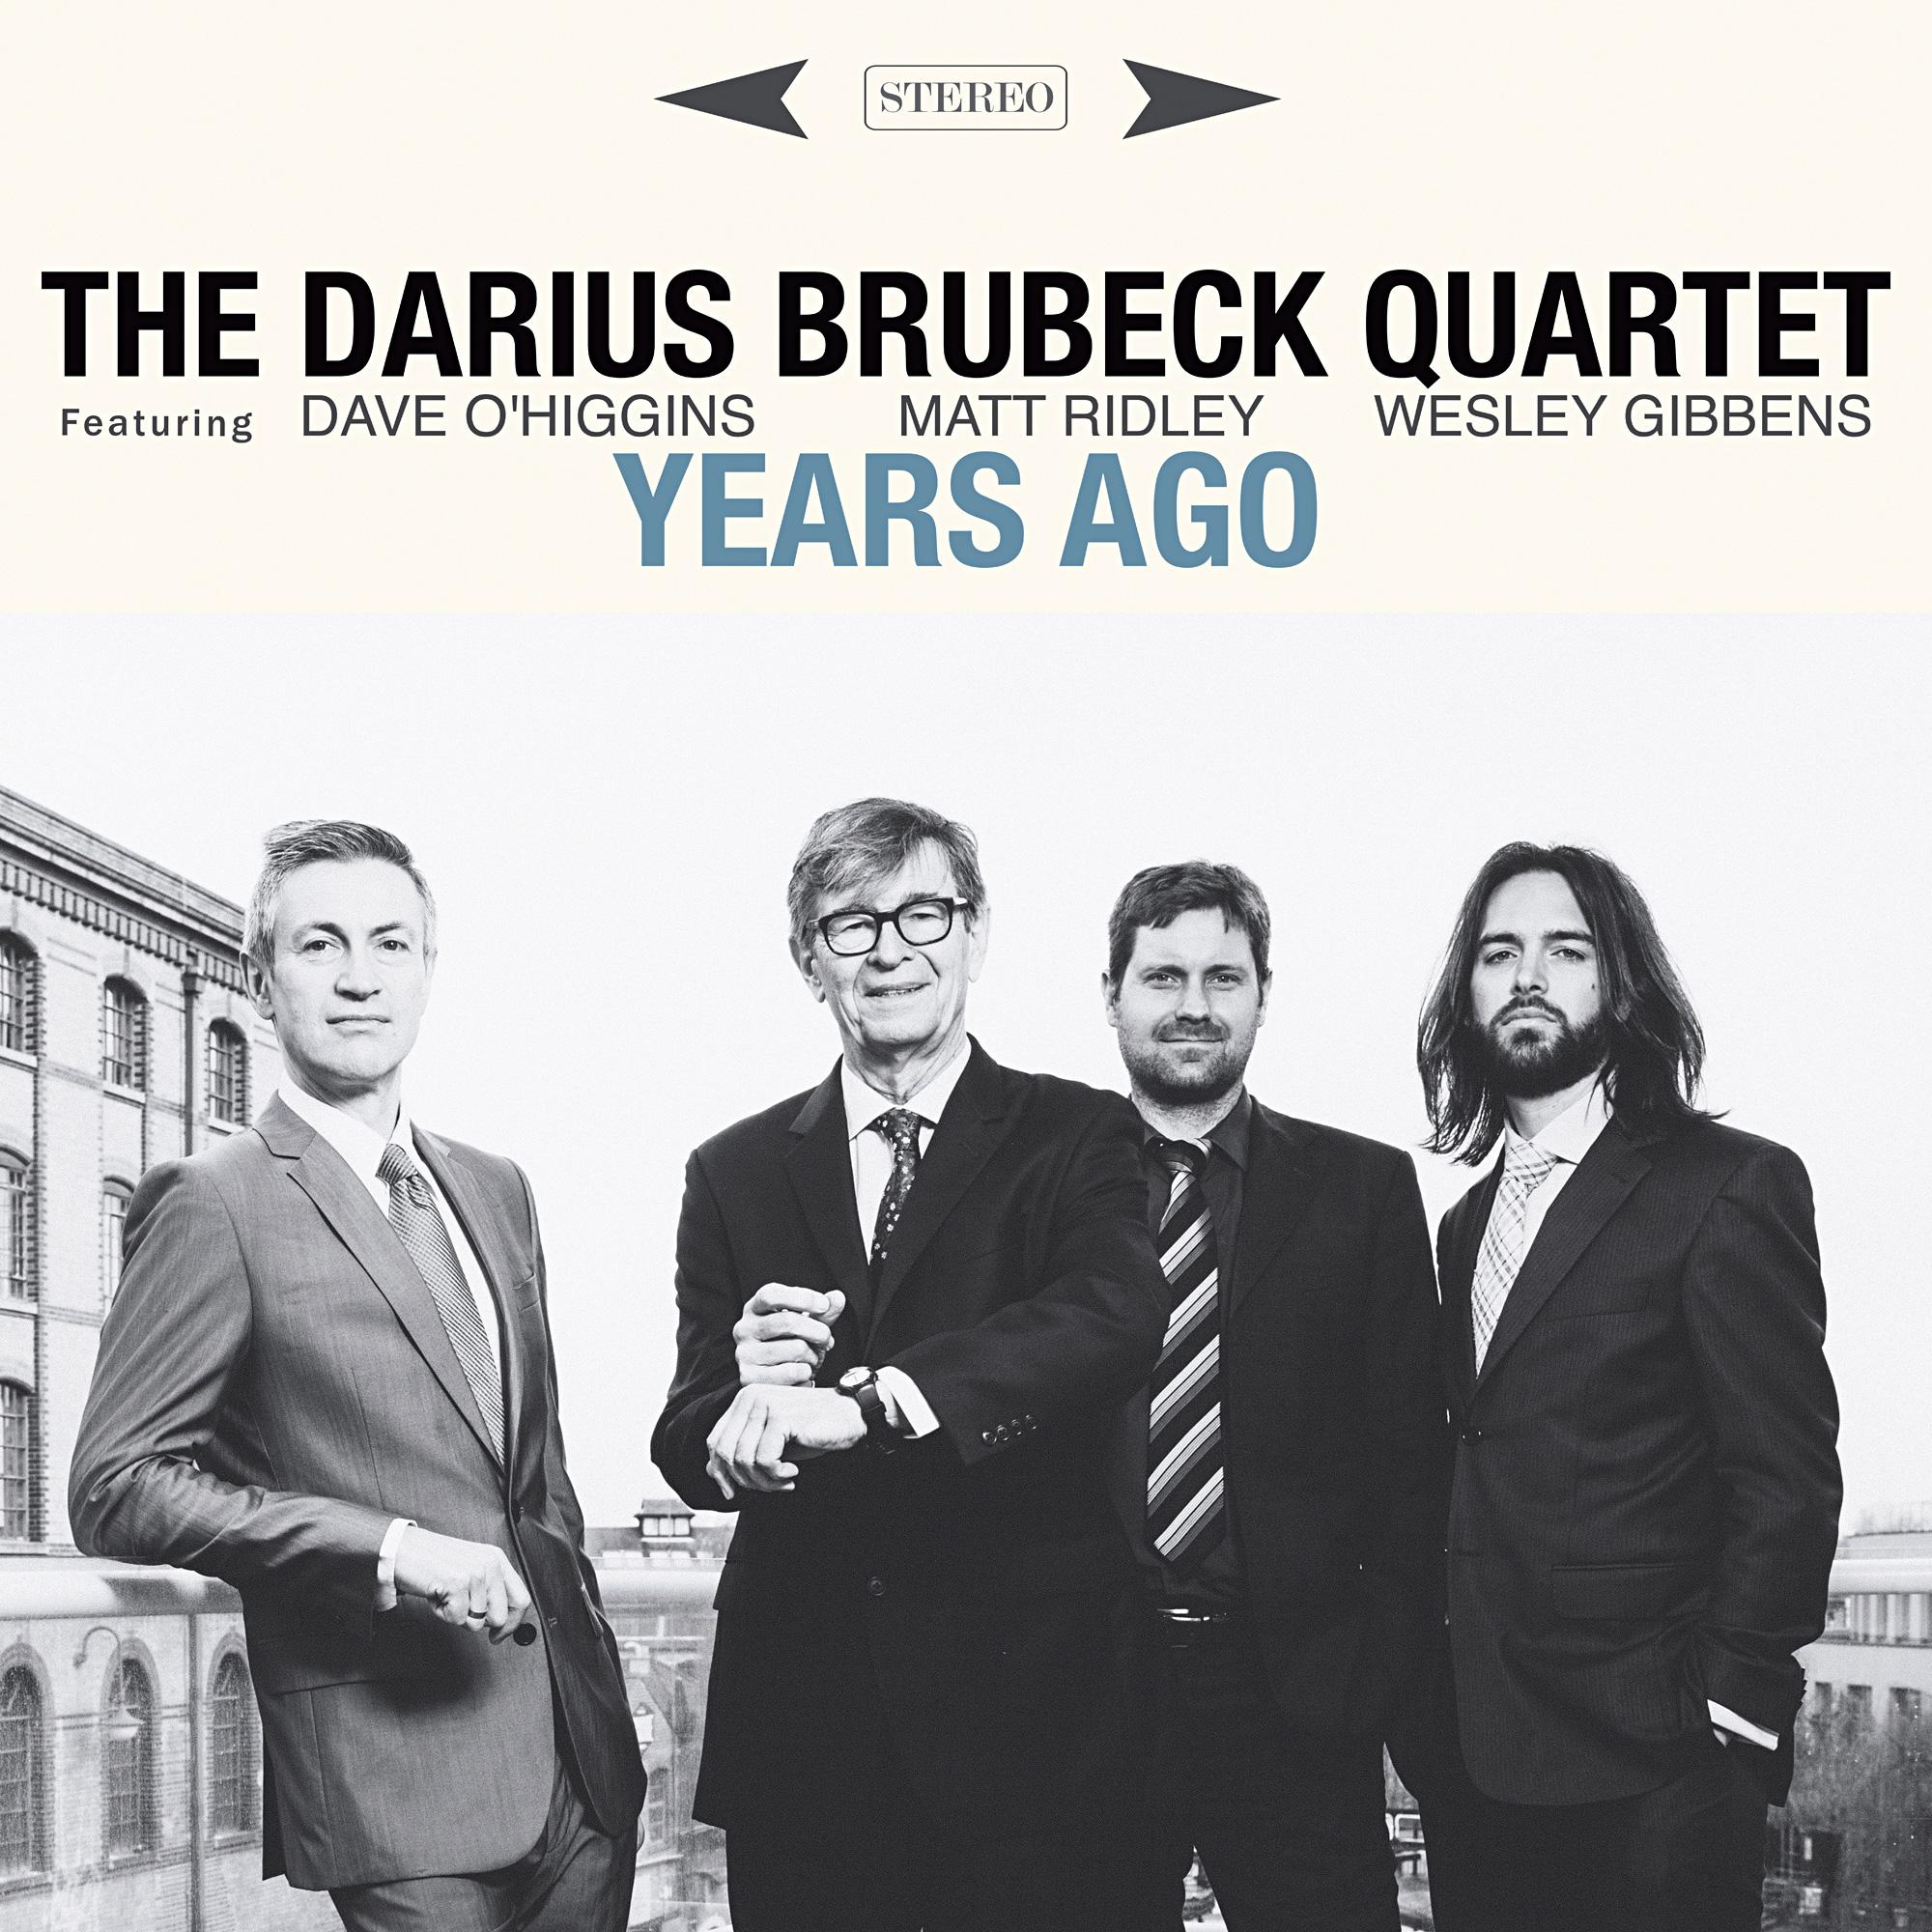 Darius Brubeck - Jazz musician, pianist, composer, author and academic